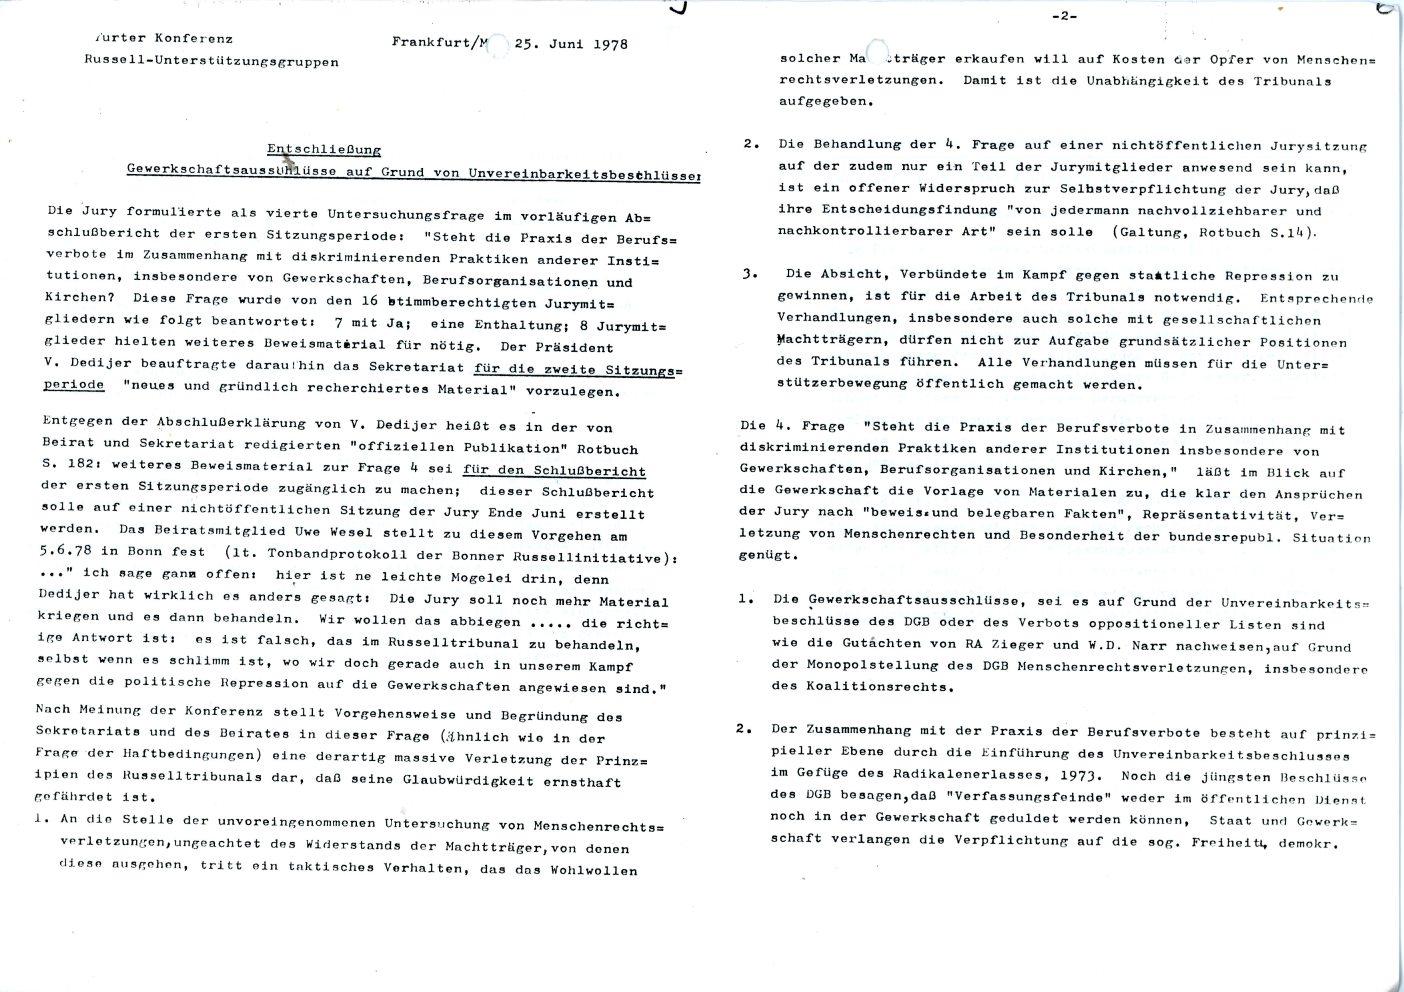 Frankfurt_Konferenz_der_Russell_Unterstuetzungsgruppen_19780624_17